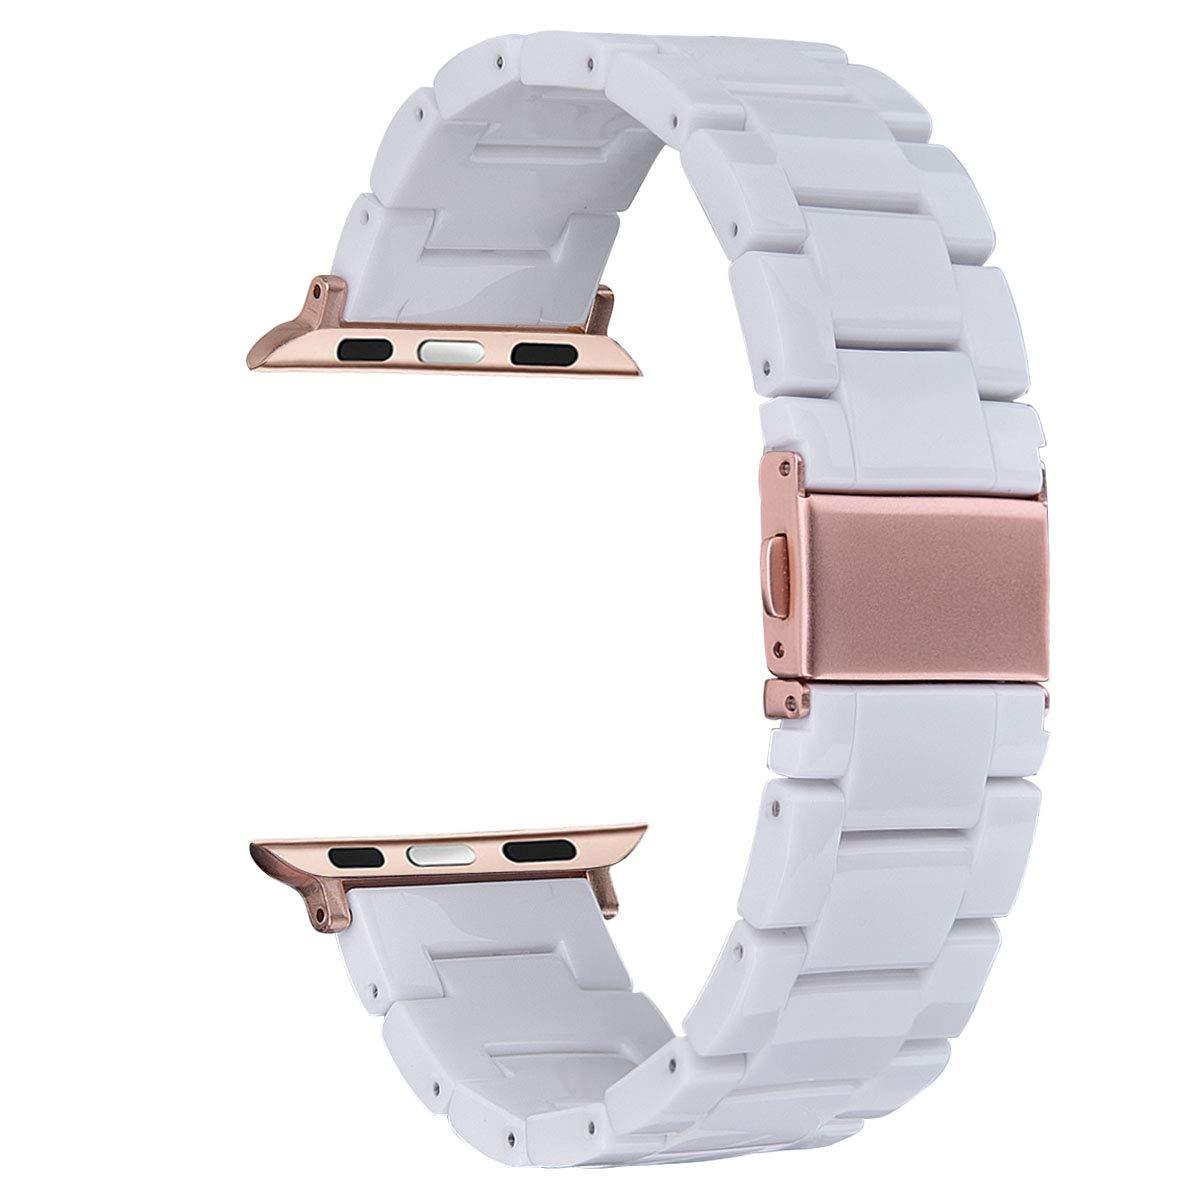 Malla Acero para Apple Watch (42/44mm) V-MORO [7J5XLPPL]